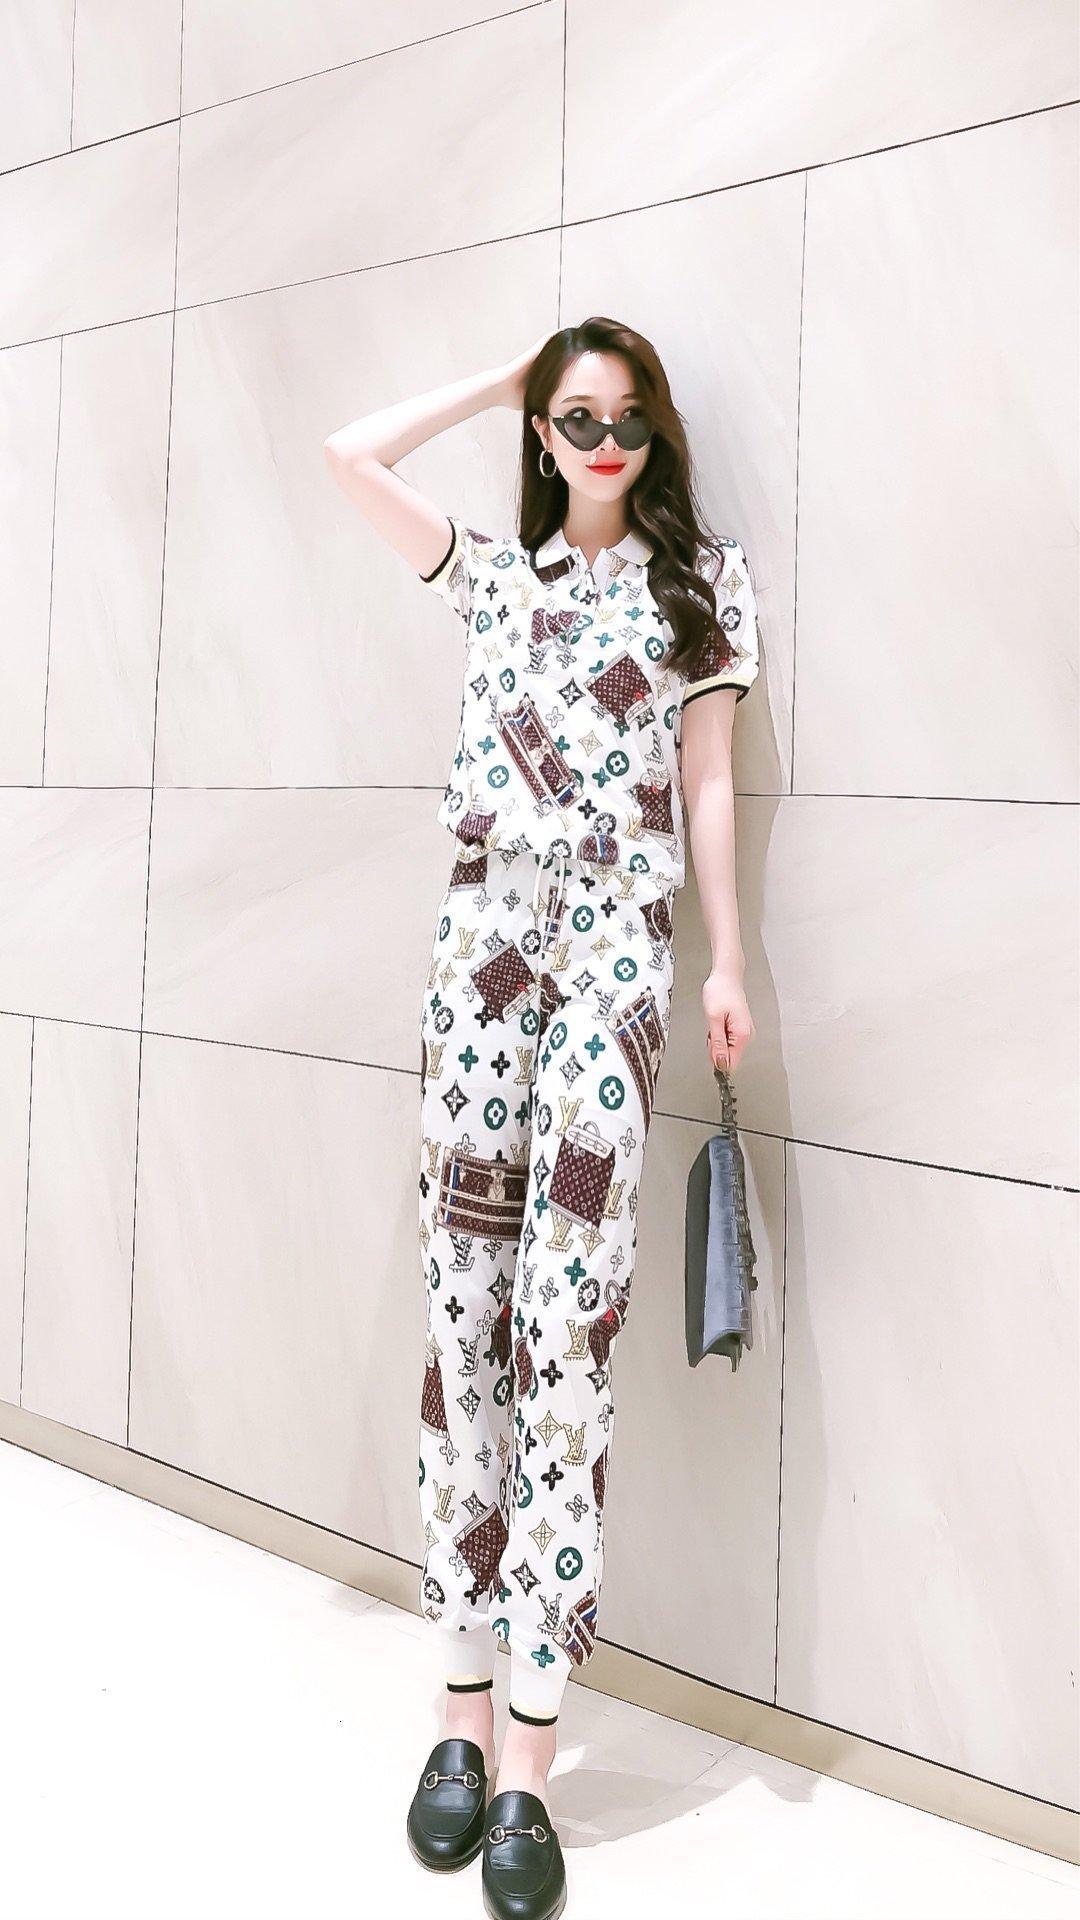 дизайнер Женщина Двухкусочного Нижнего женщины из двух частей обмундирования женщин конструктора нарядов ринулись оптовым рекомендую моды новых простой 5R3M 1H7G